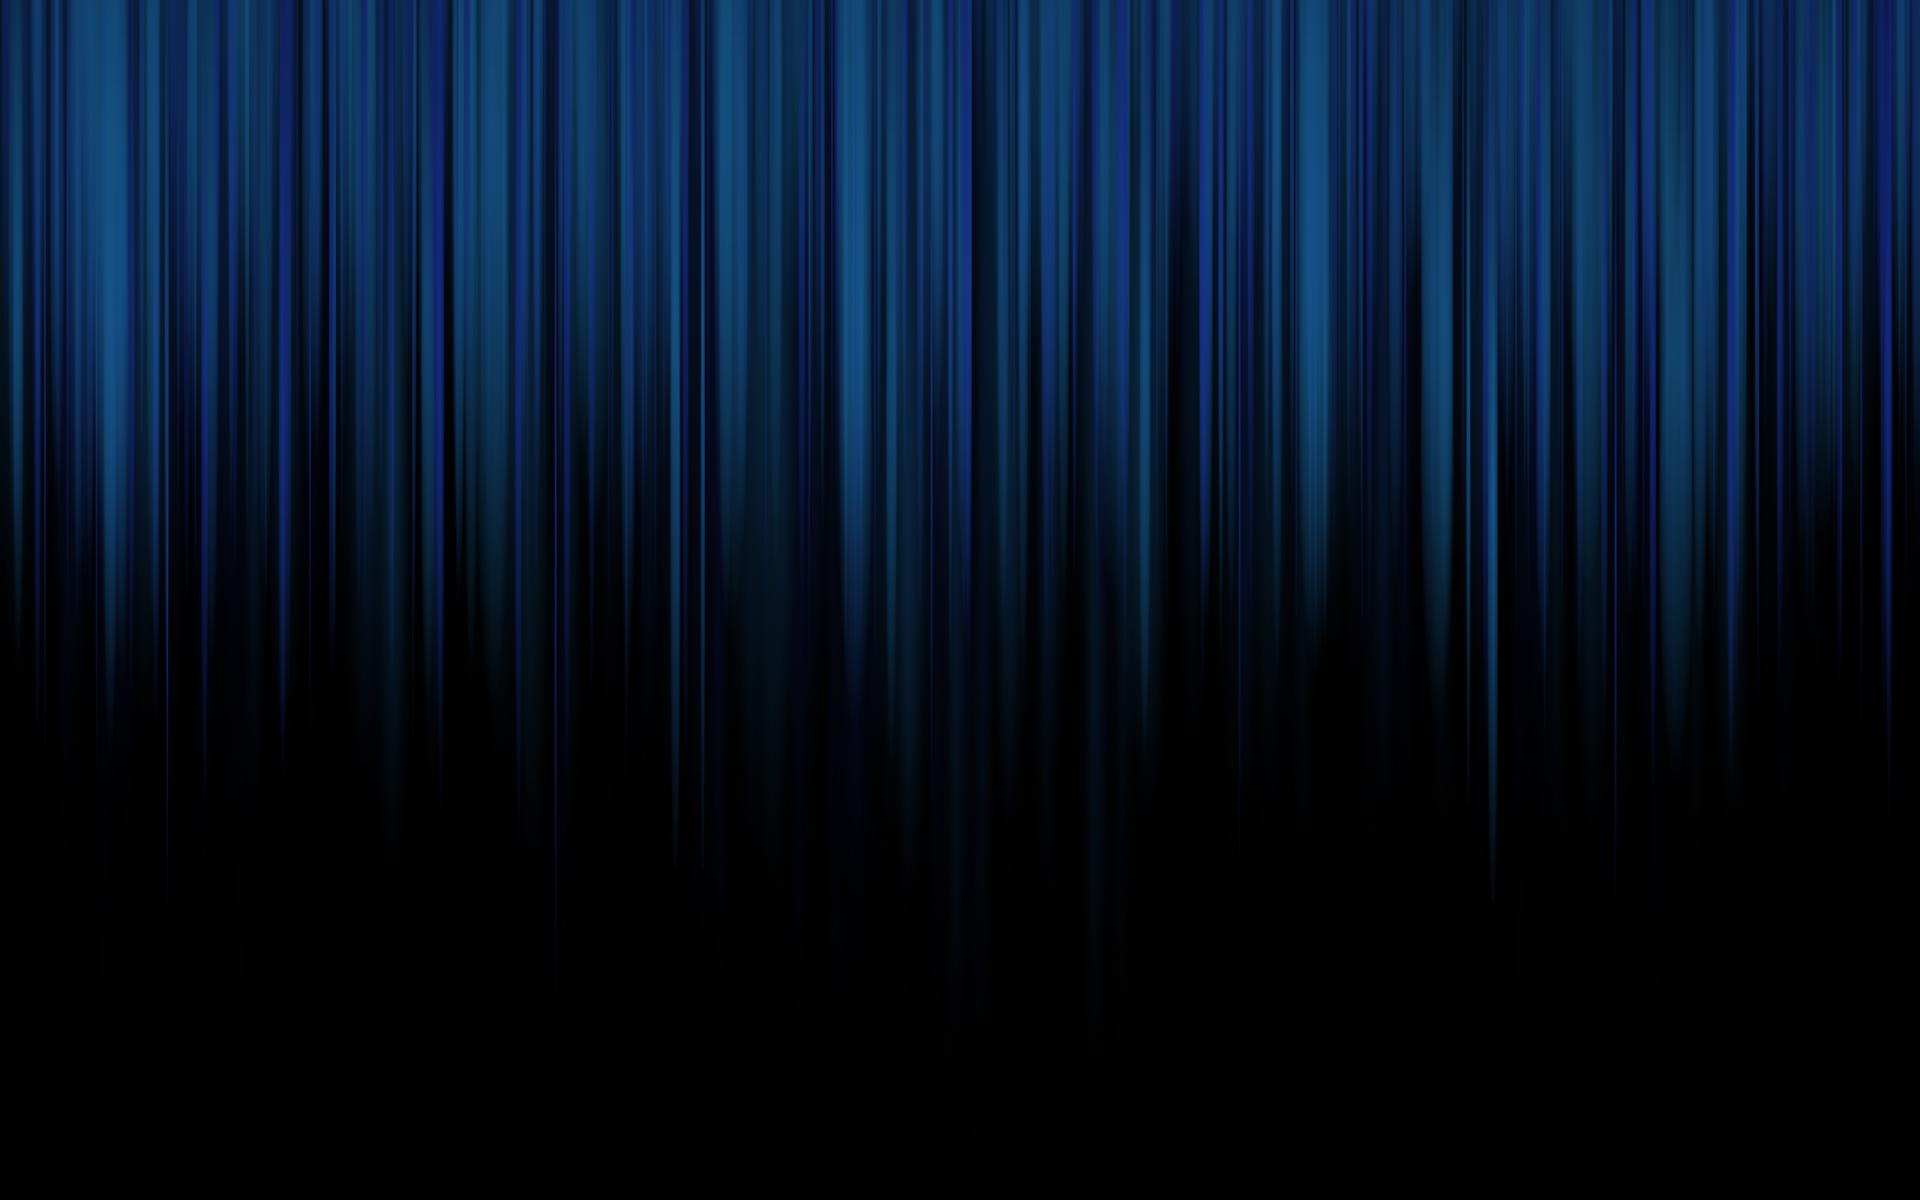 49+ Black and Blue Desktop Wallpaper on WallpaperSafari